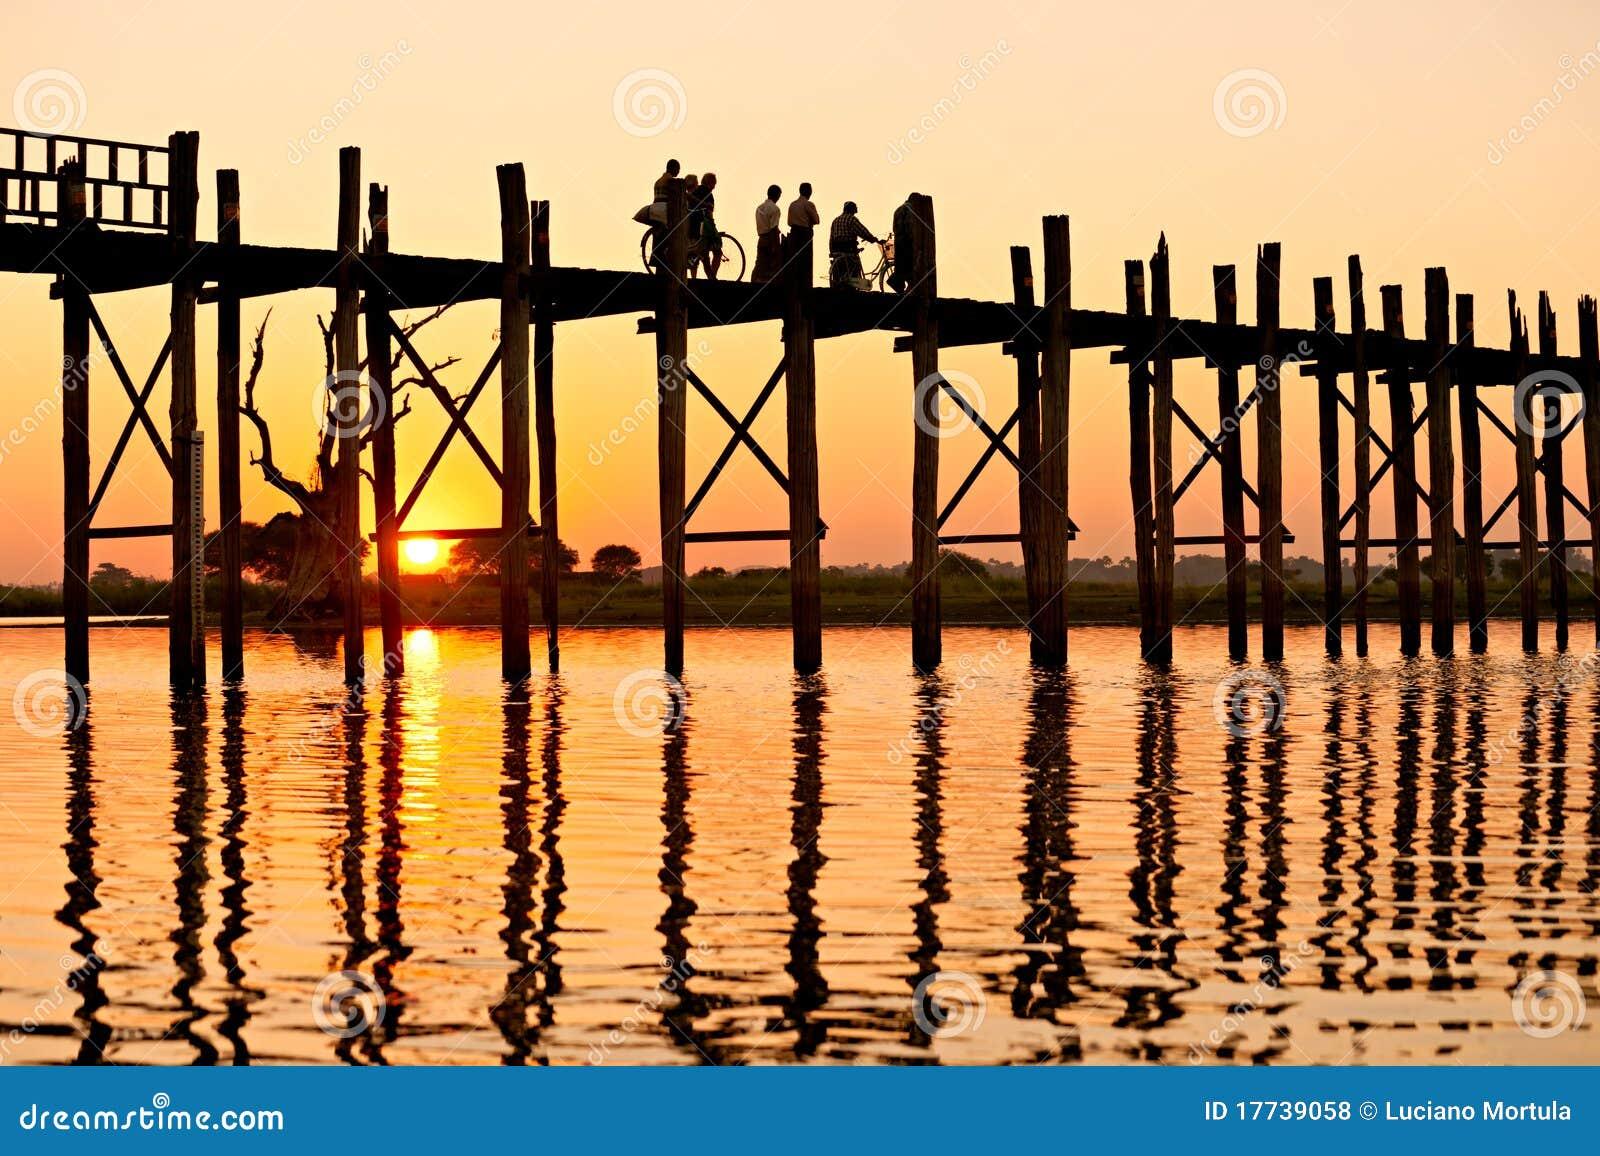 u bein bridge wikitravel rome - photo#3